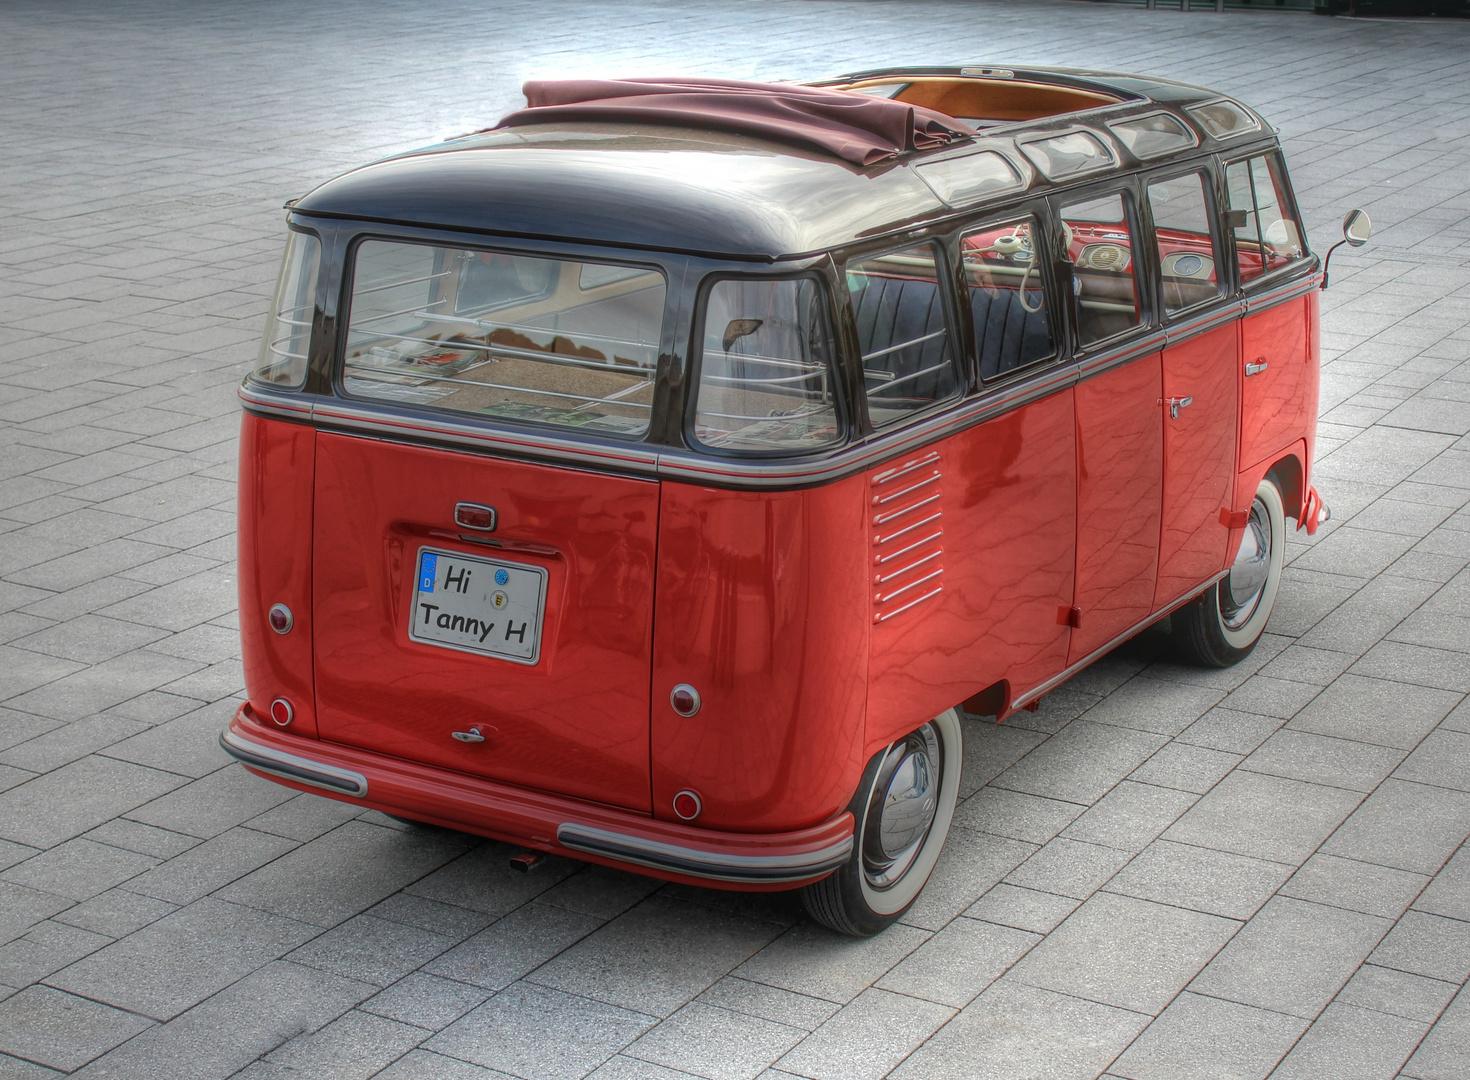 Mein möchtegerne Sommerauto !!